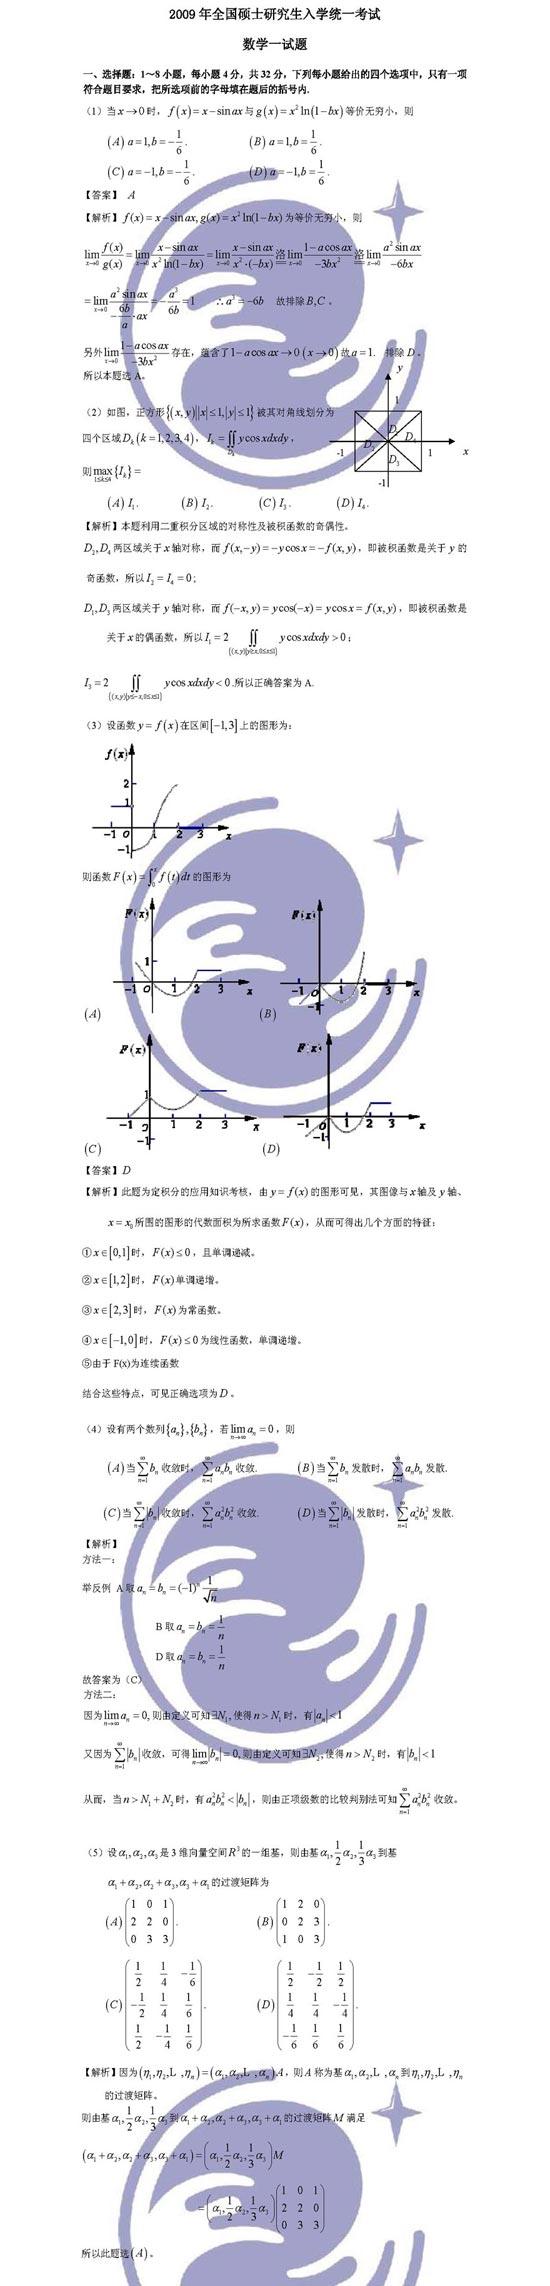 2009年研究生考试数学一试题解析